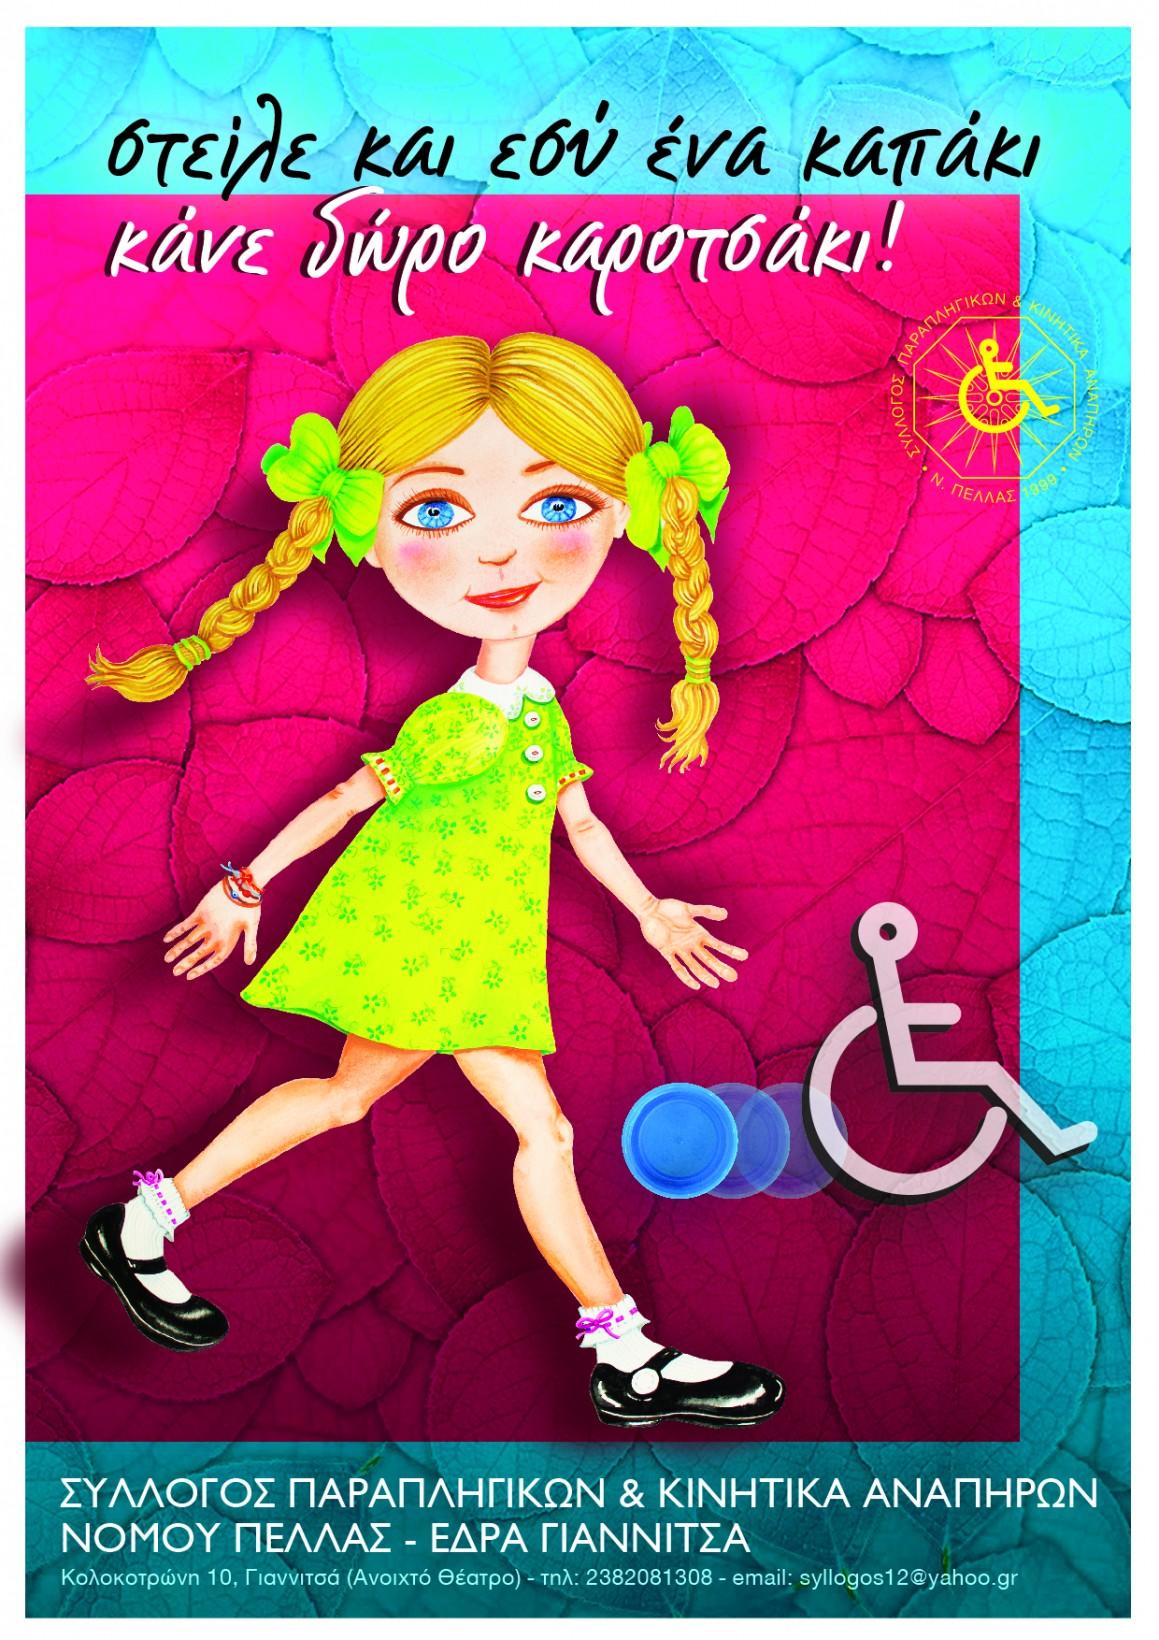 Ραντεβού Show UK αναπηρία